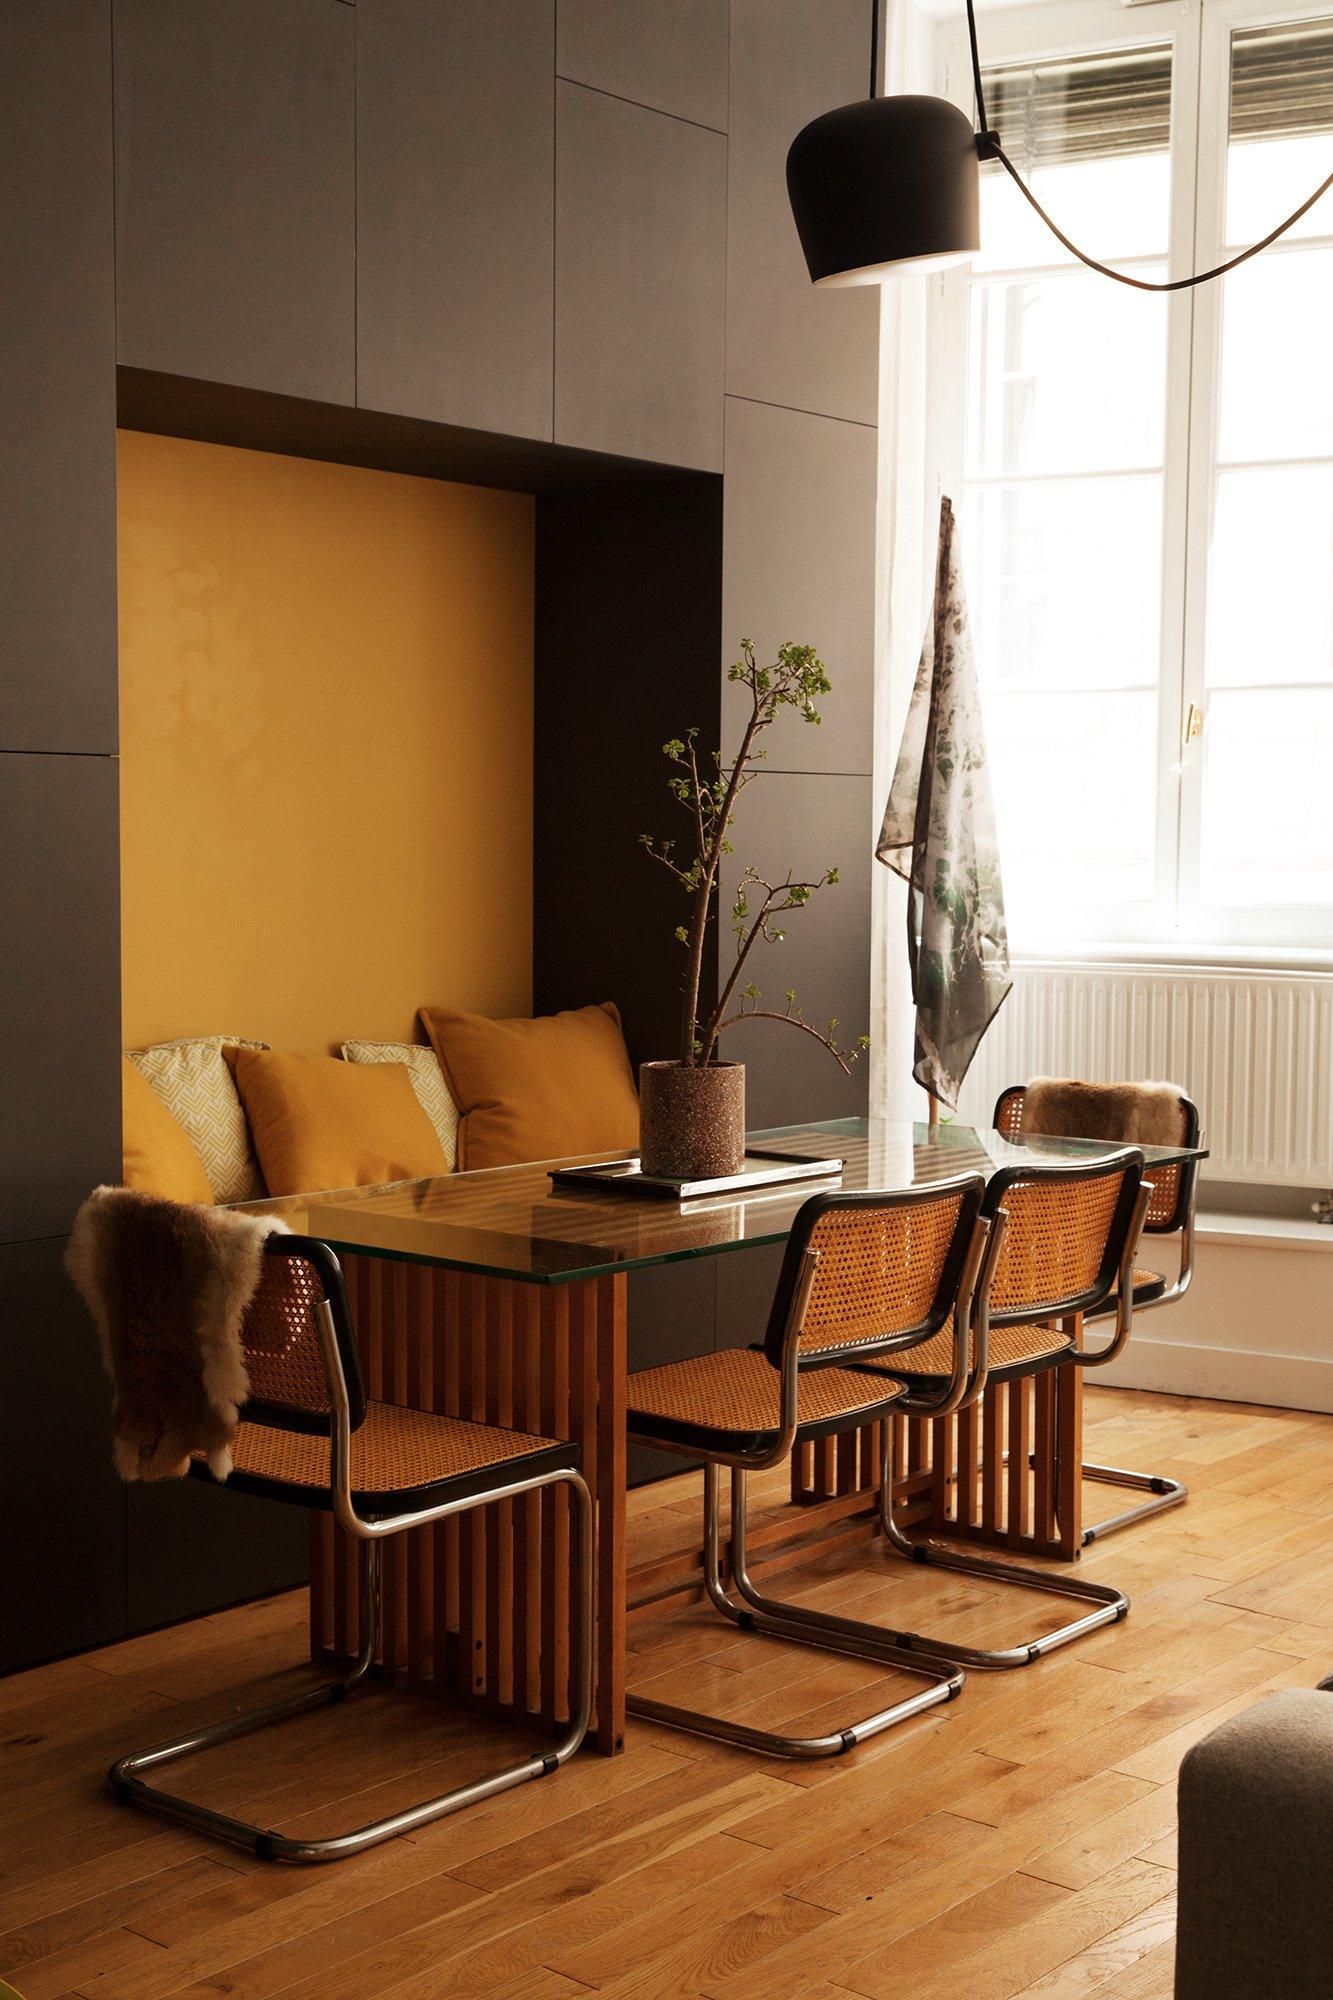 Salon Salle à manger Chaises Cesca Christophe Collado Propriétaire L'Oeil Vintage